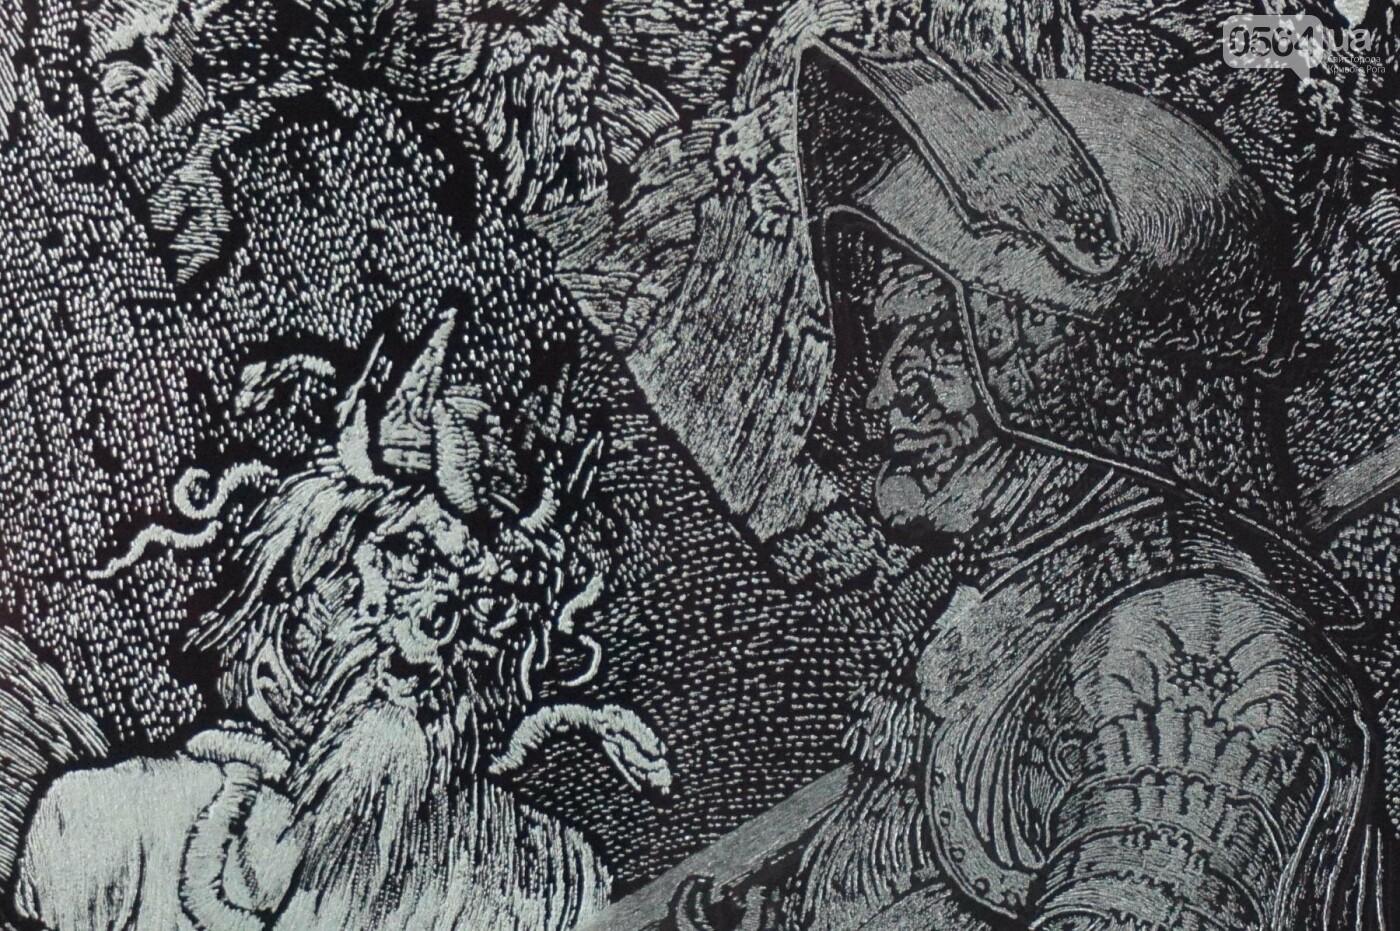 """Перед отправкой в Европу криворожанам презентовали картины """"Тайная вечеря"""" и """"Рыцарь, смерть и дьявол"""", - ФОТО, ВИДЕО, фото-37"""